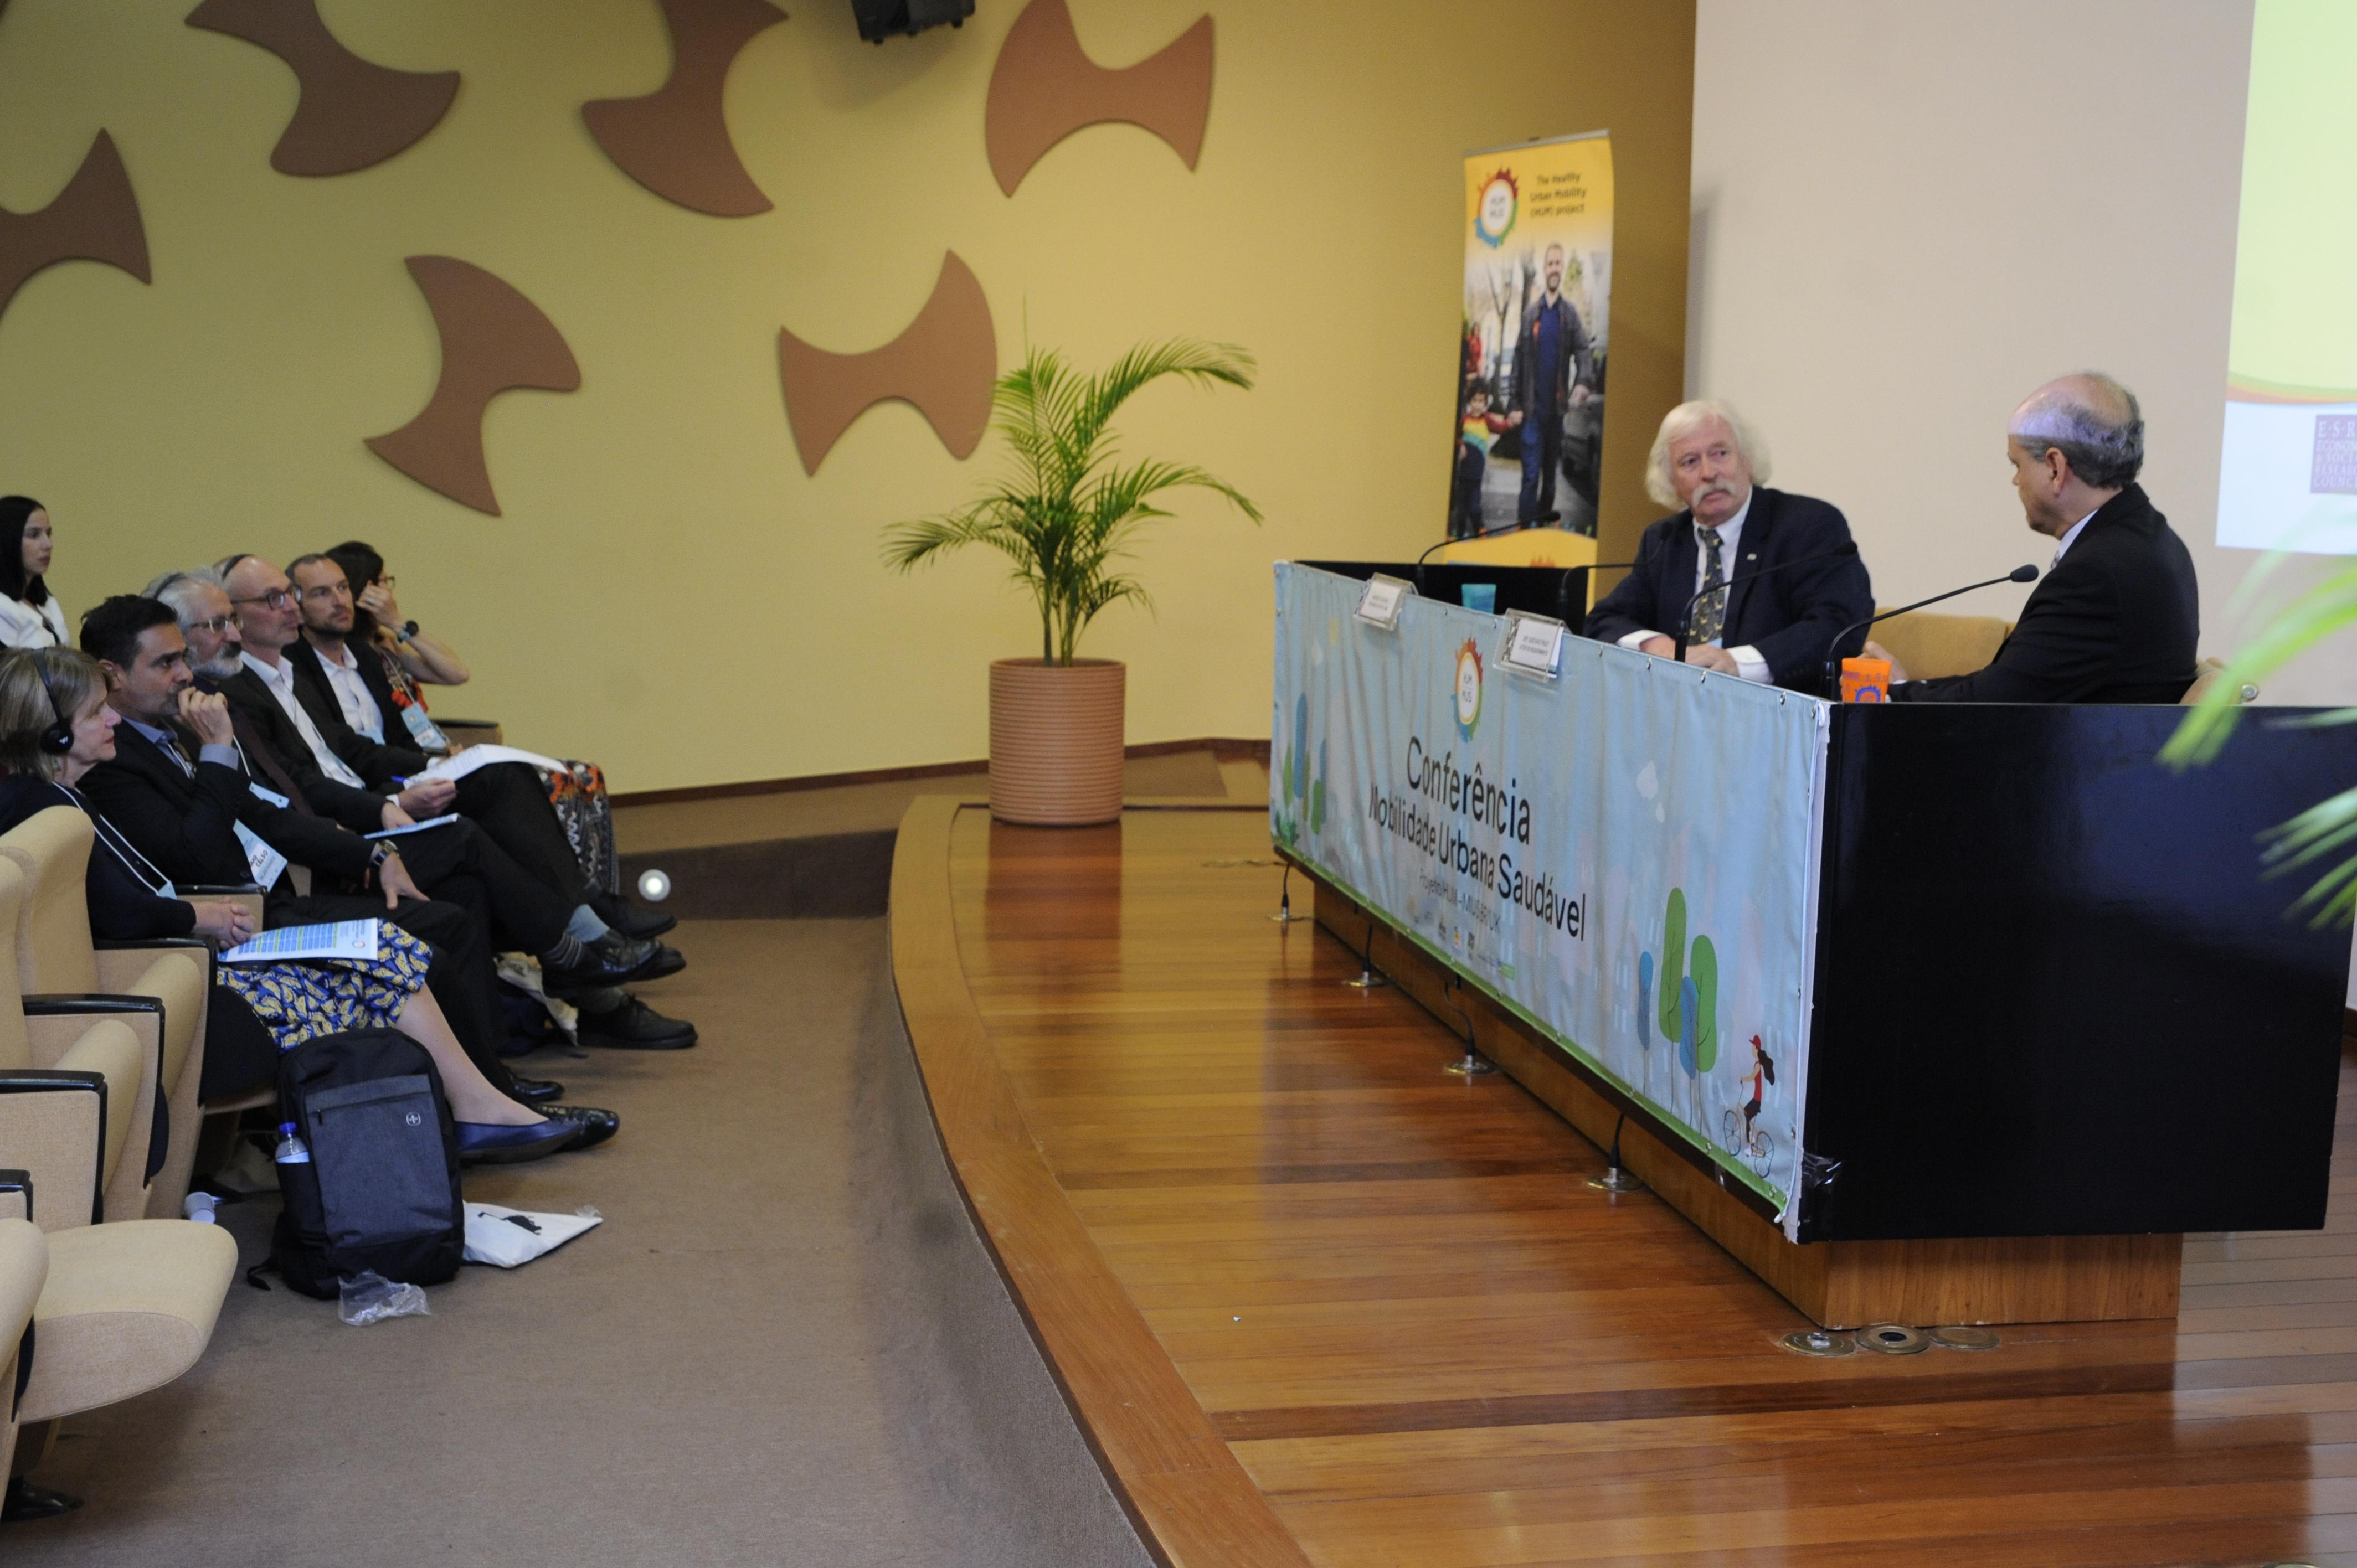 Conferência Mobilidade Urbana Saudável (Comissão de Desenvolvimento Urbano)